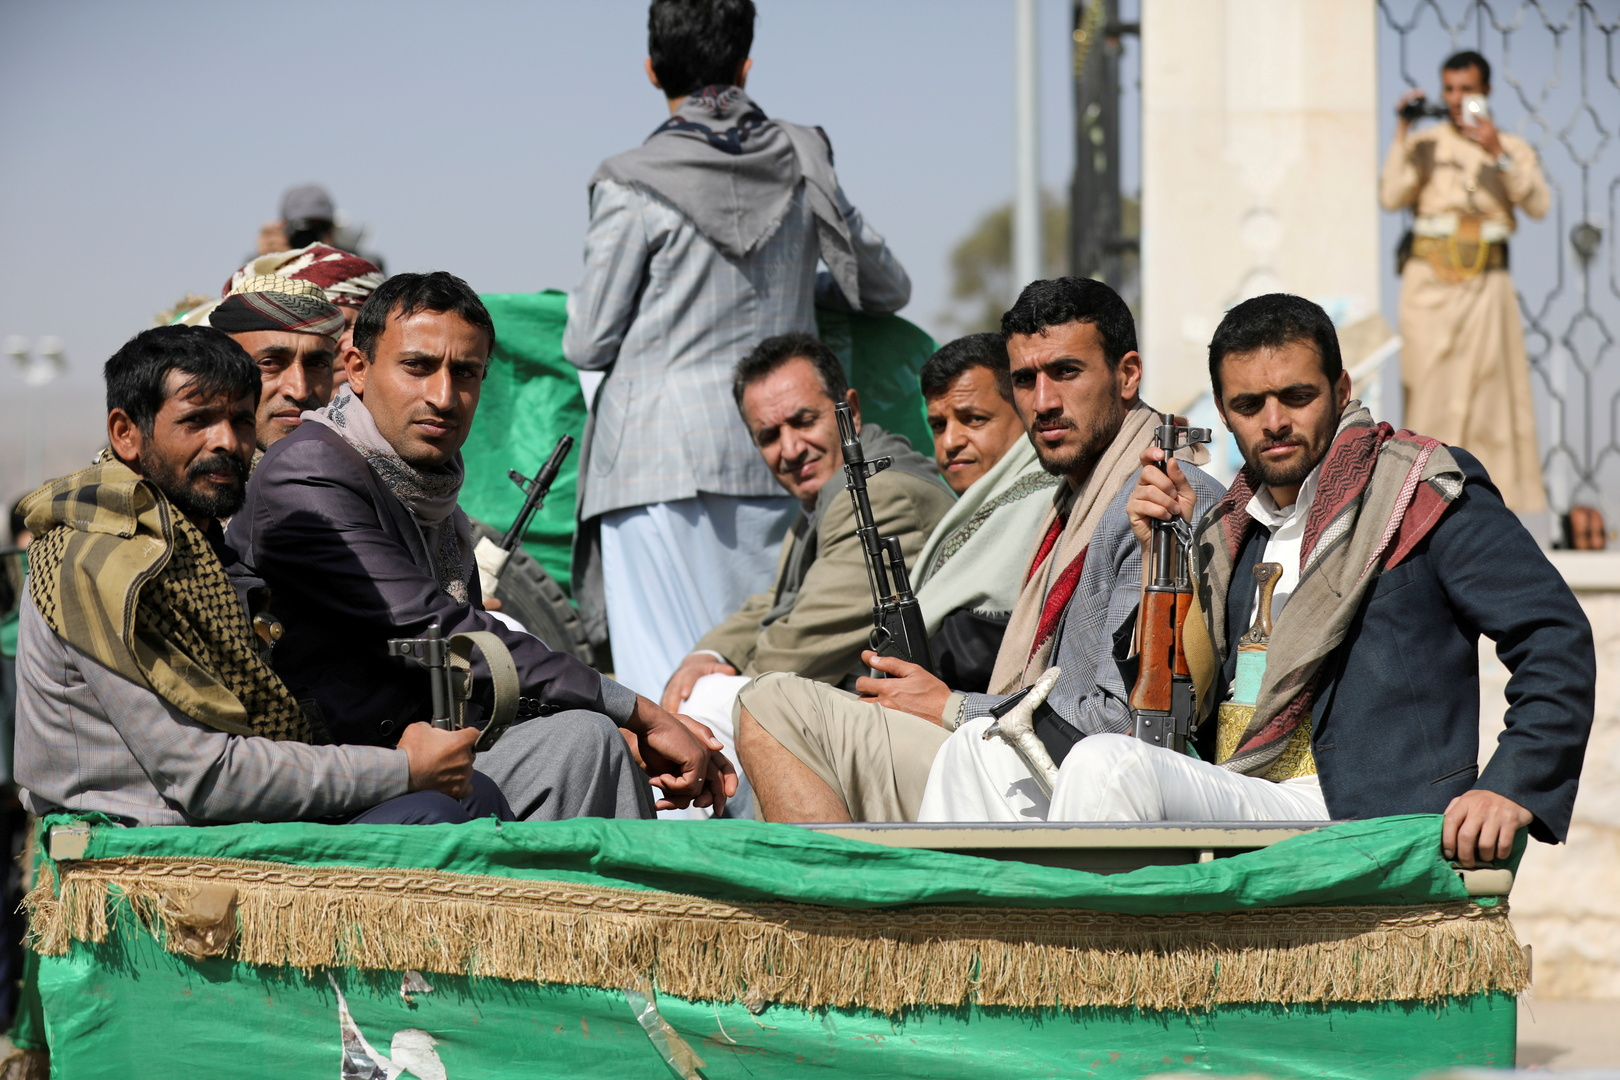 الحوثيون يعلنون إسقاط طائرة تجسس أمريكية